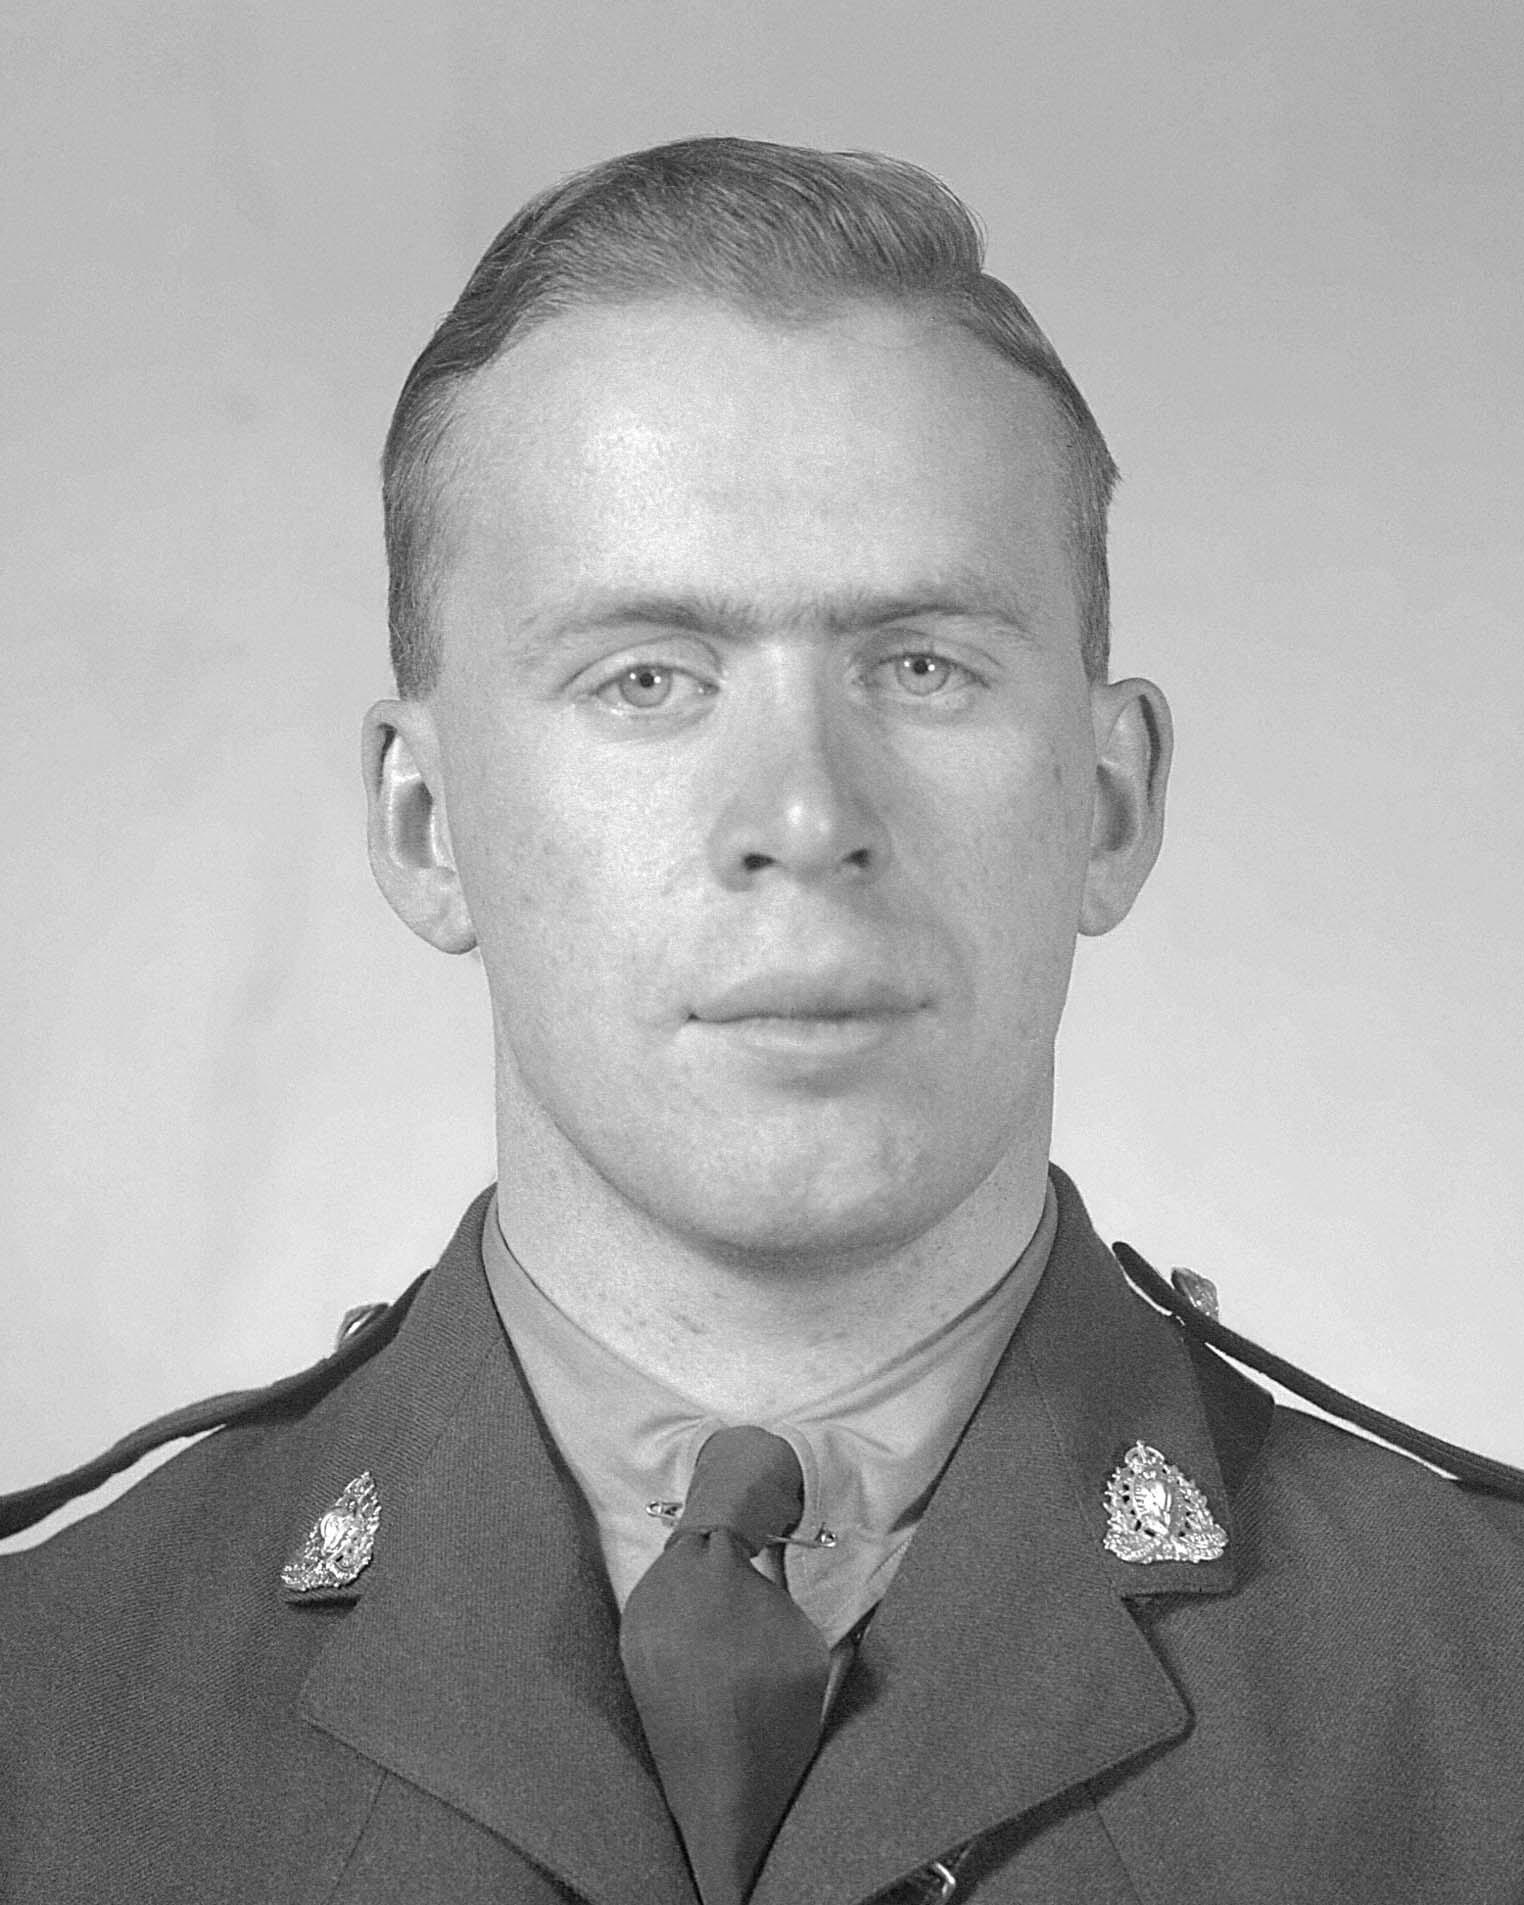 Caporal Herbert Milton Smart – © Sa Majesté la Reine du chef du Canada représentée par la Gendarmerie royale du Canada